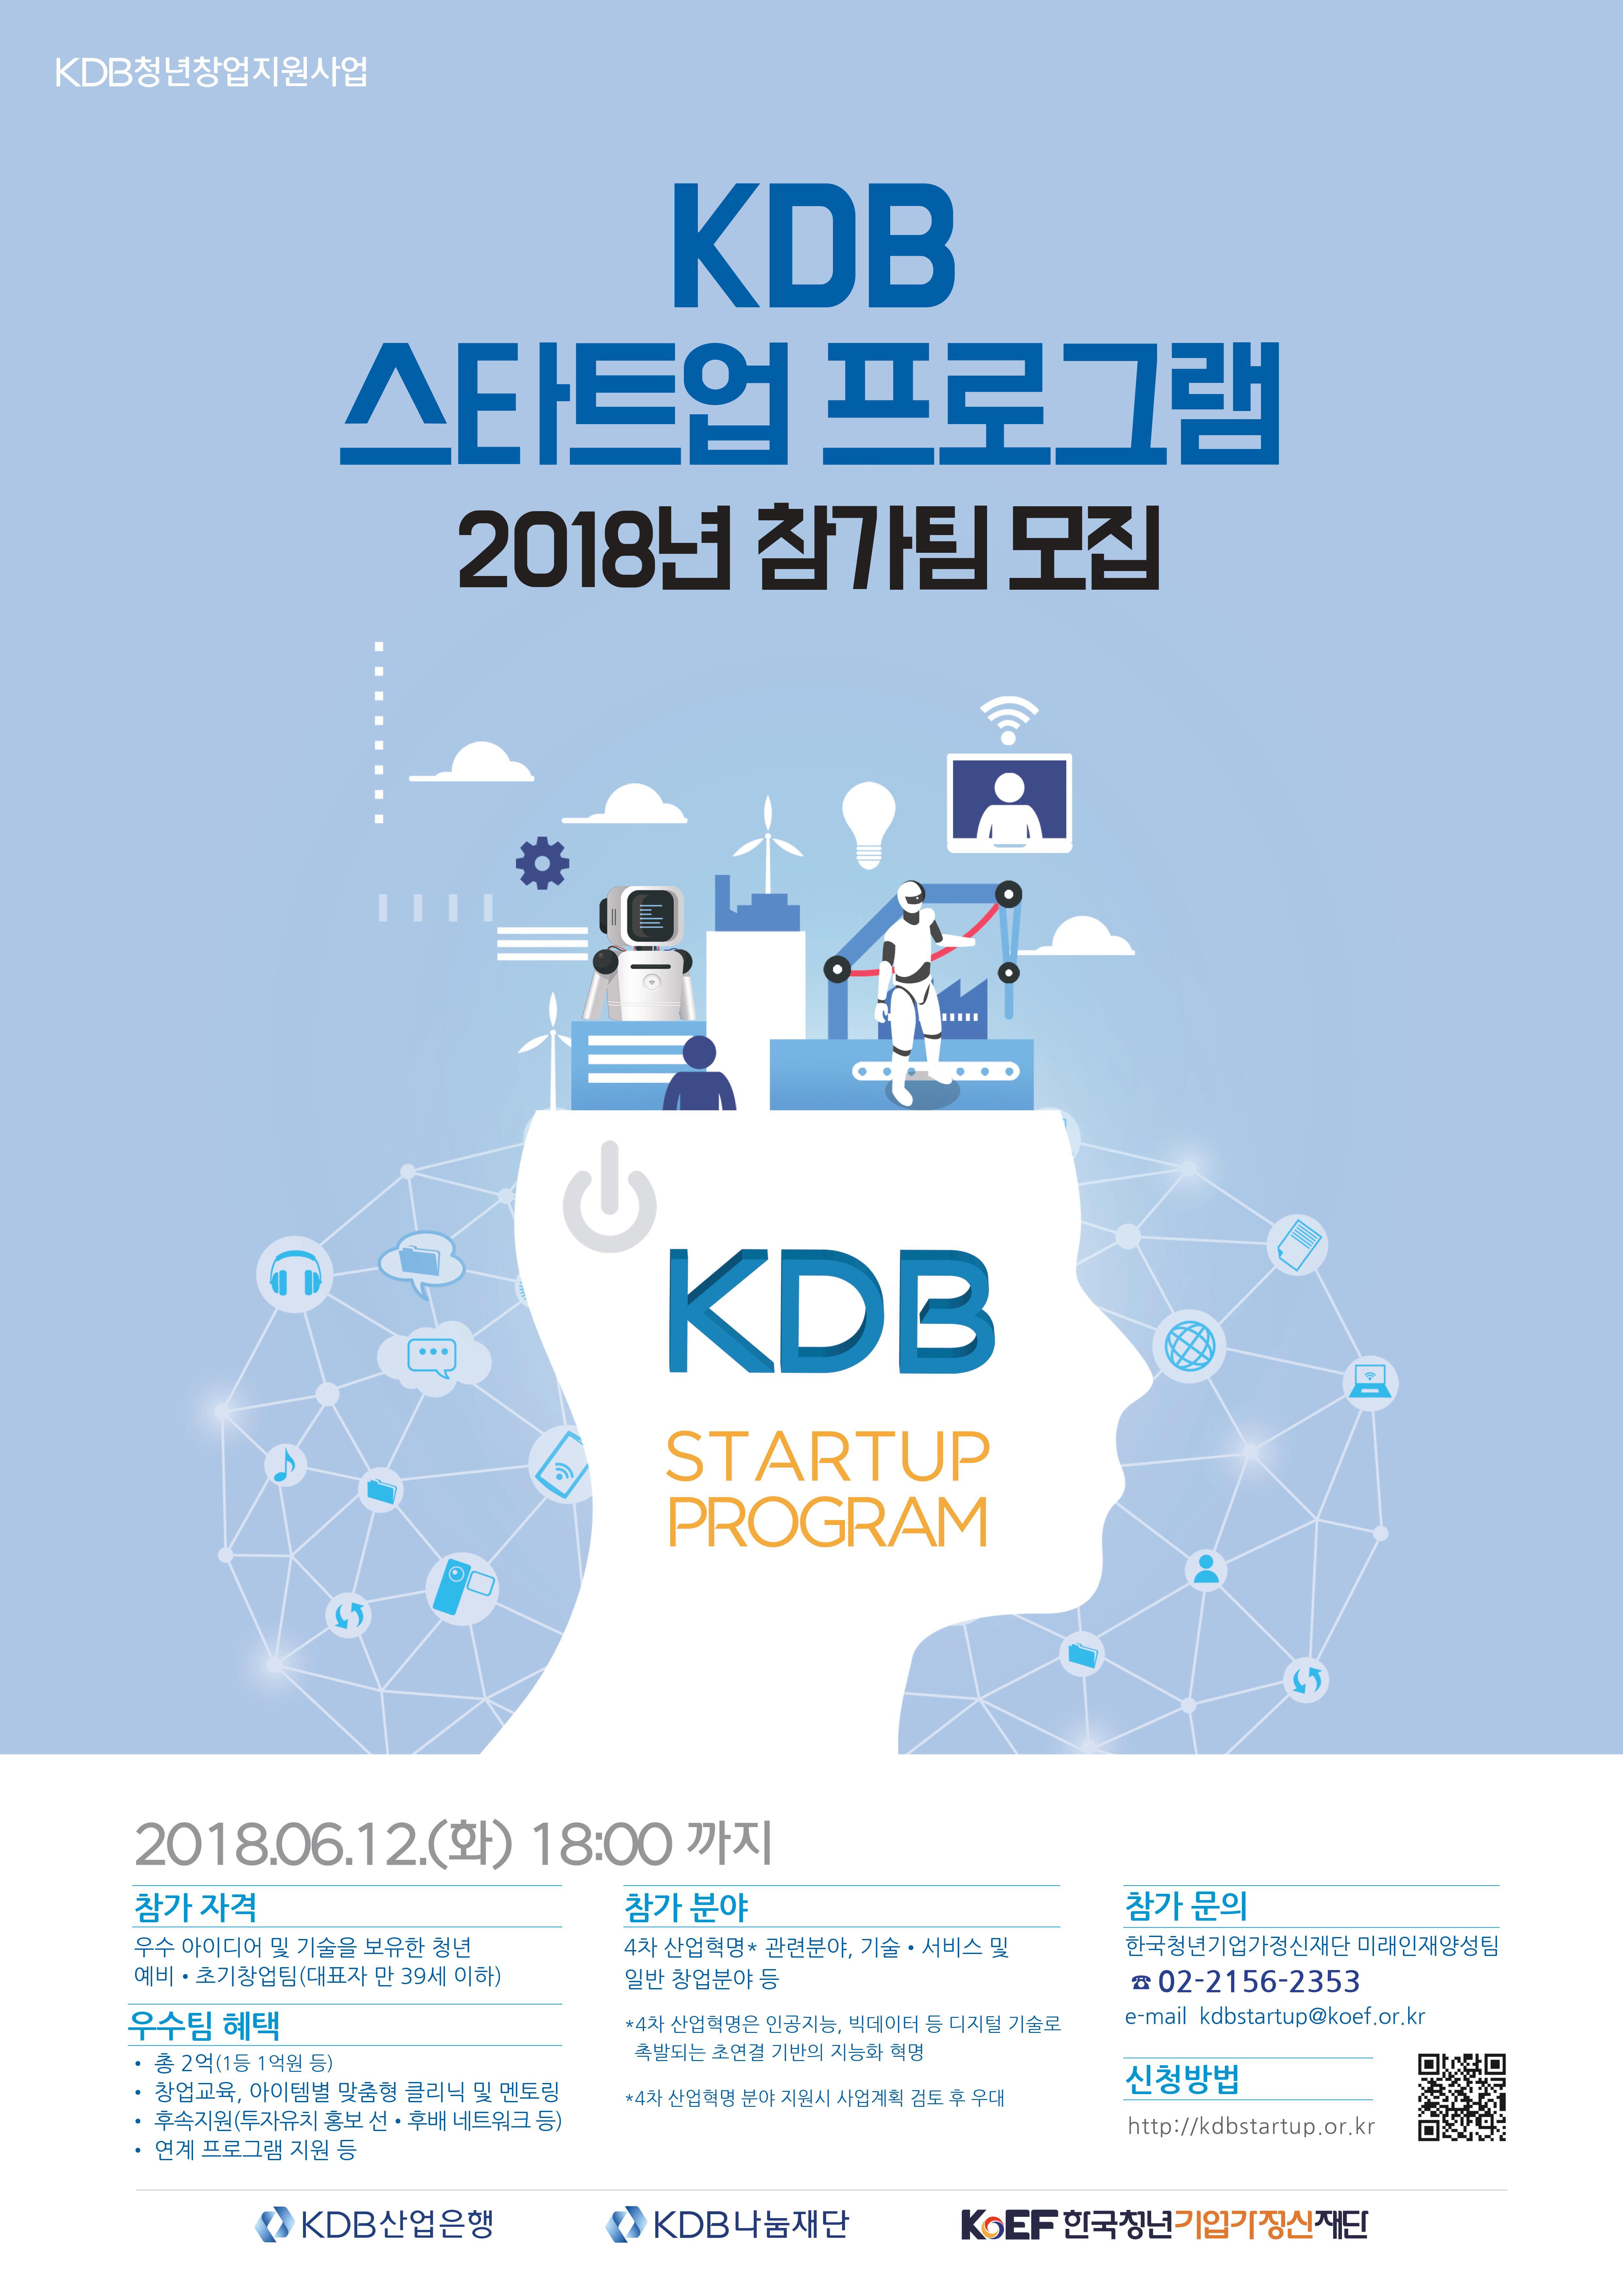 [홍보] KDB 스타트업 프로그램 2018년 참가팀 모집